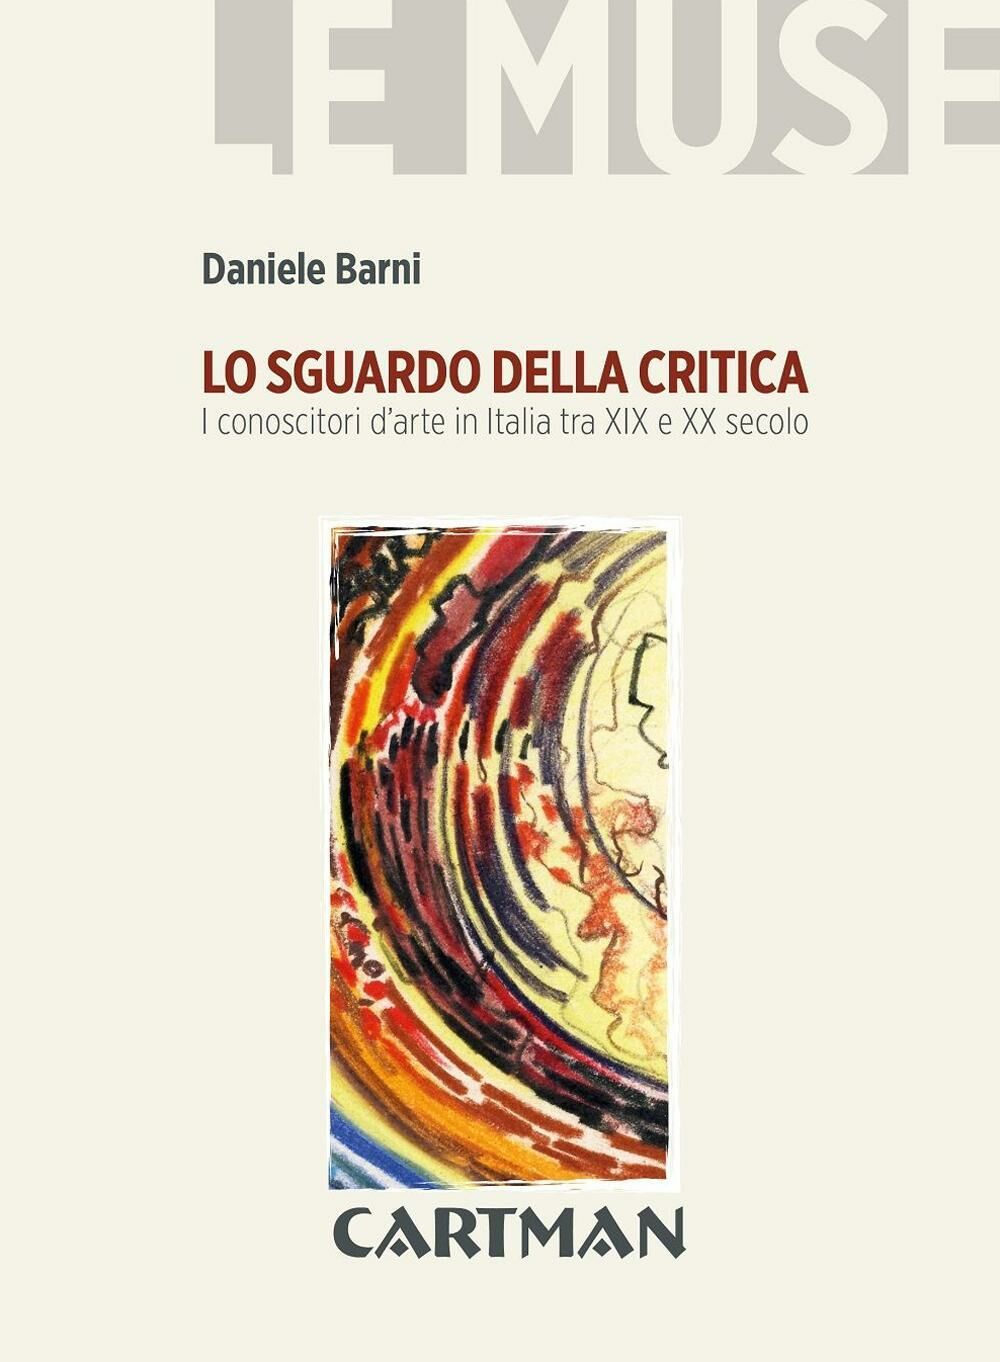 Lo sguardo della critica. I conoscitori d'arte in Italia tra XIX e XX secolo